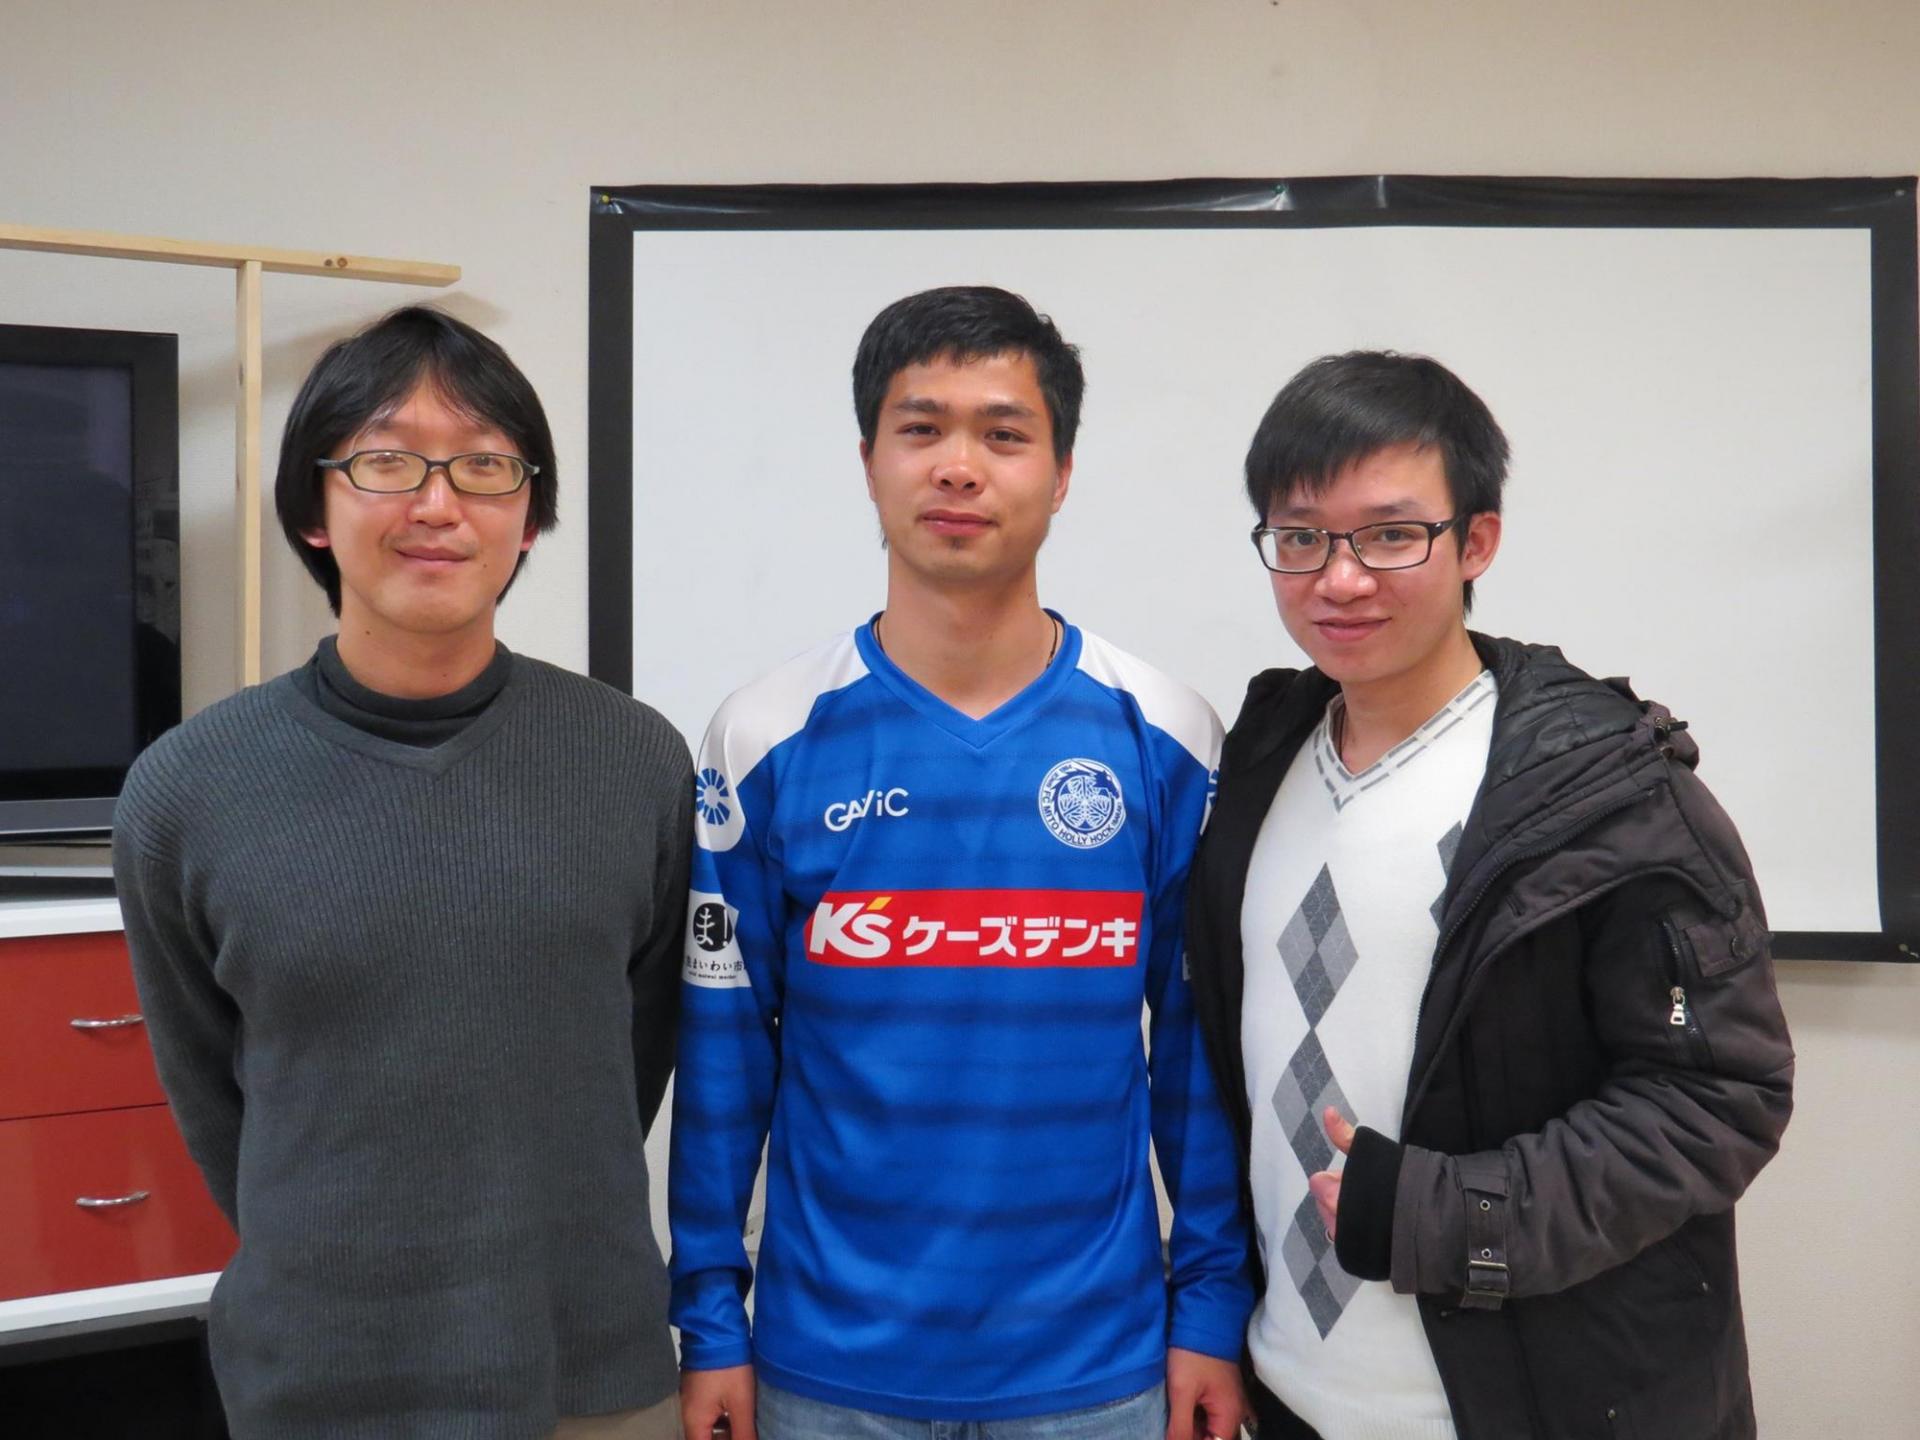 Phóng viên Nhật Bản trầm trồ khen ngợi một cầu thủ Việt Nam: 'Nếu ở Nhật Bản, chắc chắn cậu ấy được gọi ĐTQG' 1